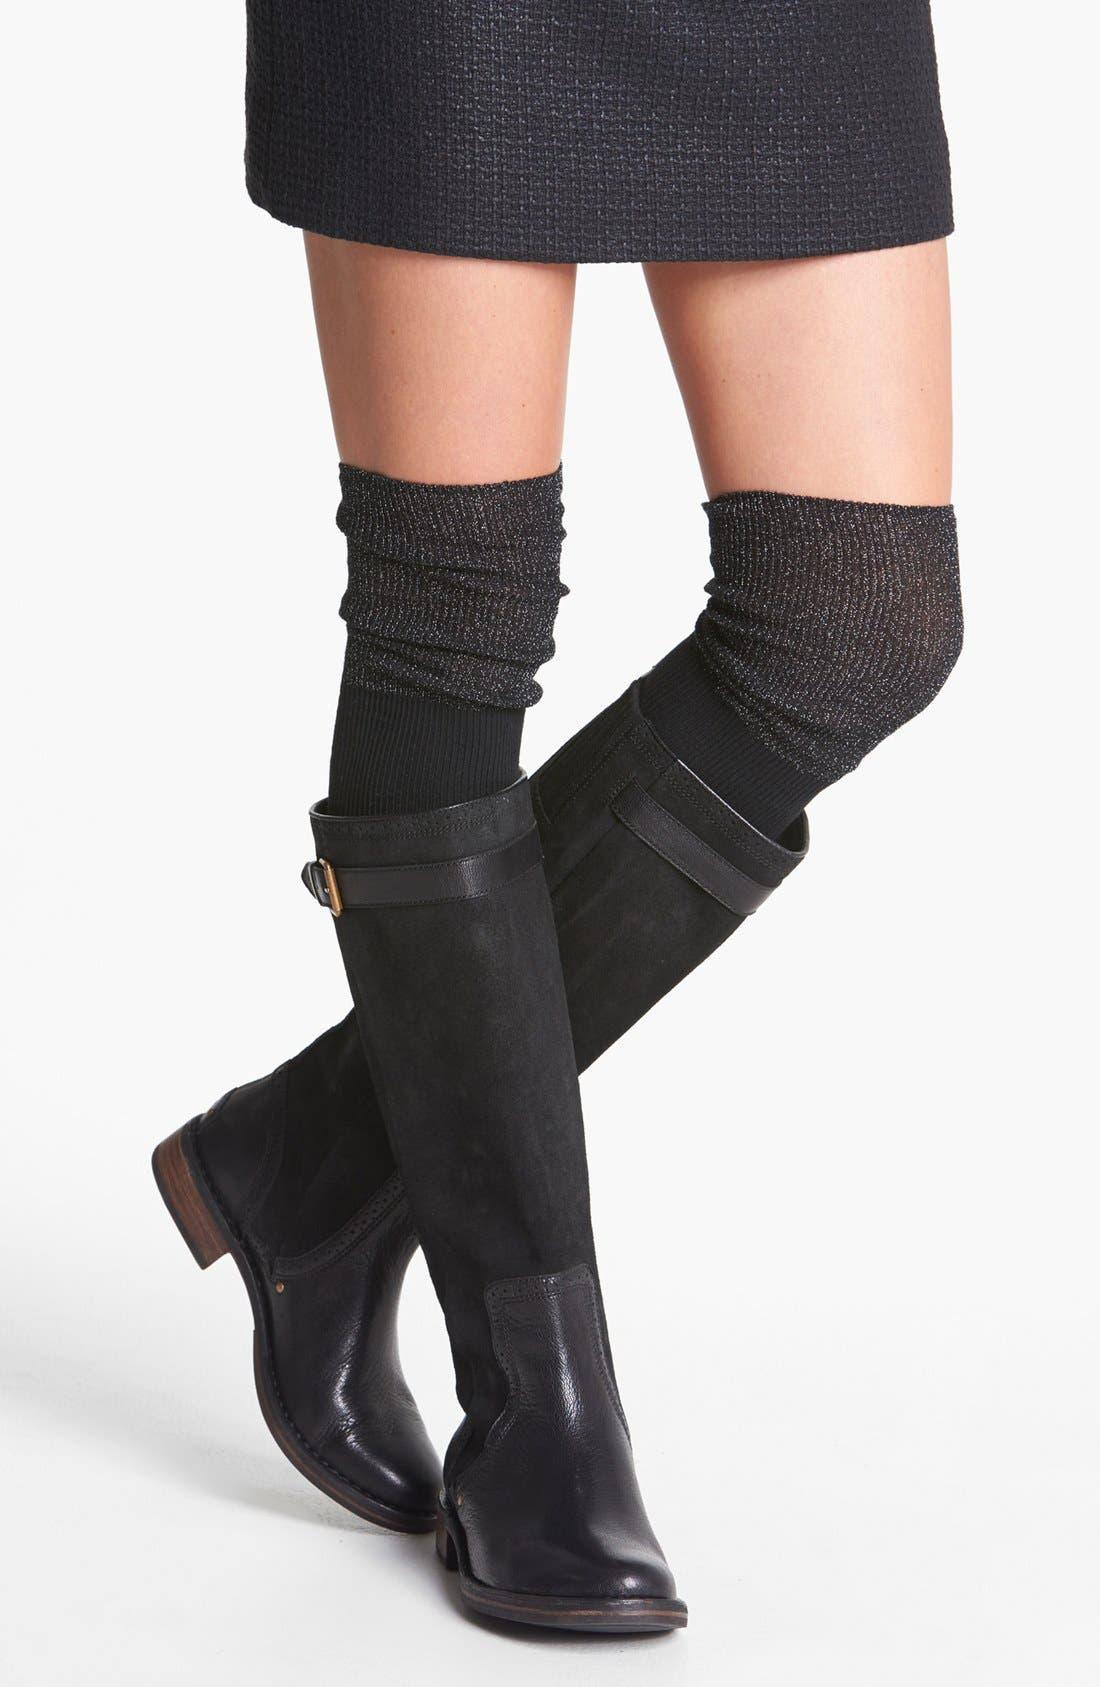 Main Image - kensie Metallic Over the Knee Socks